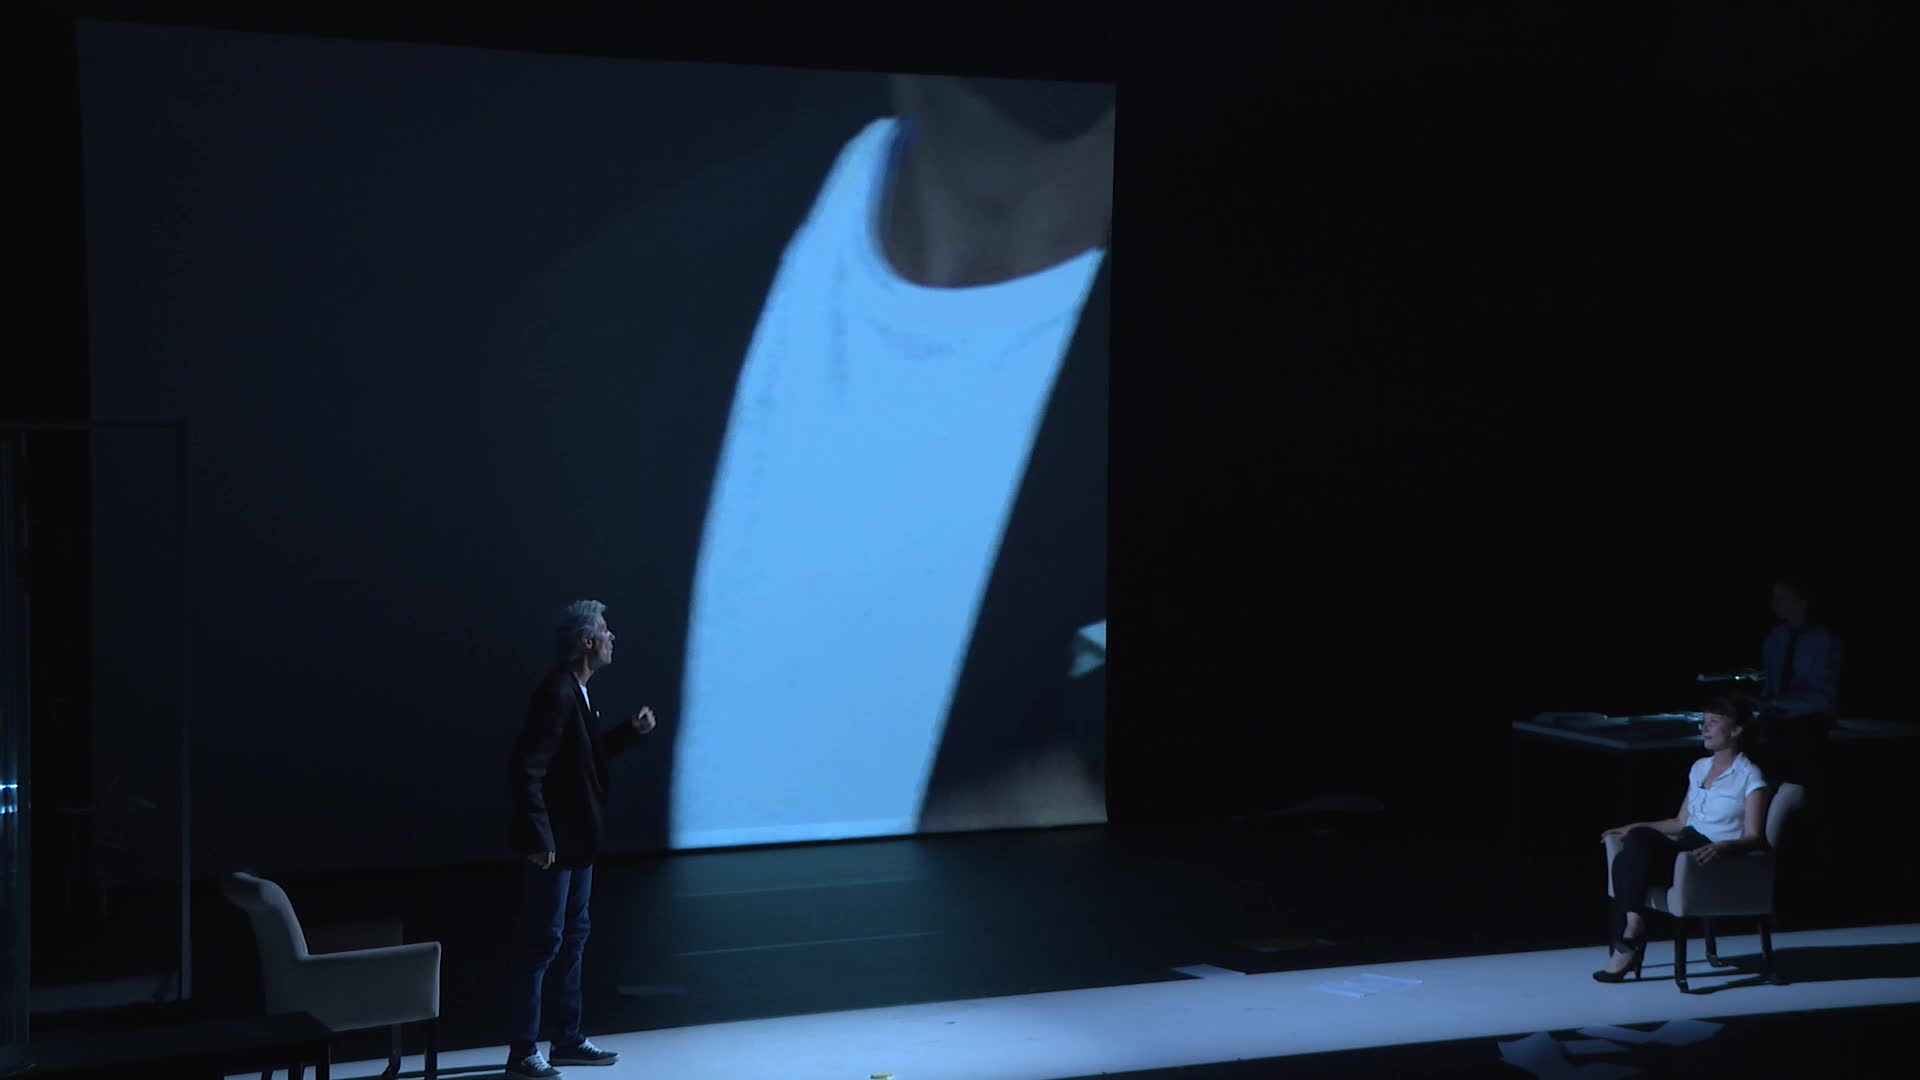 """Vidéo """"Pale Blue dot"""" - Etienne Gaudillère - Extraits"""